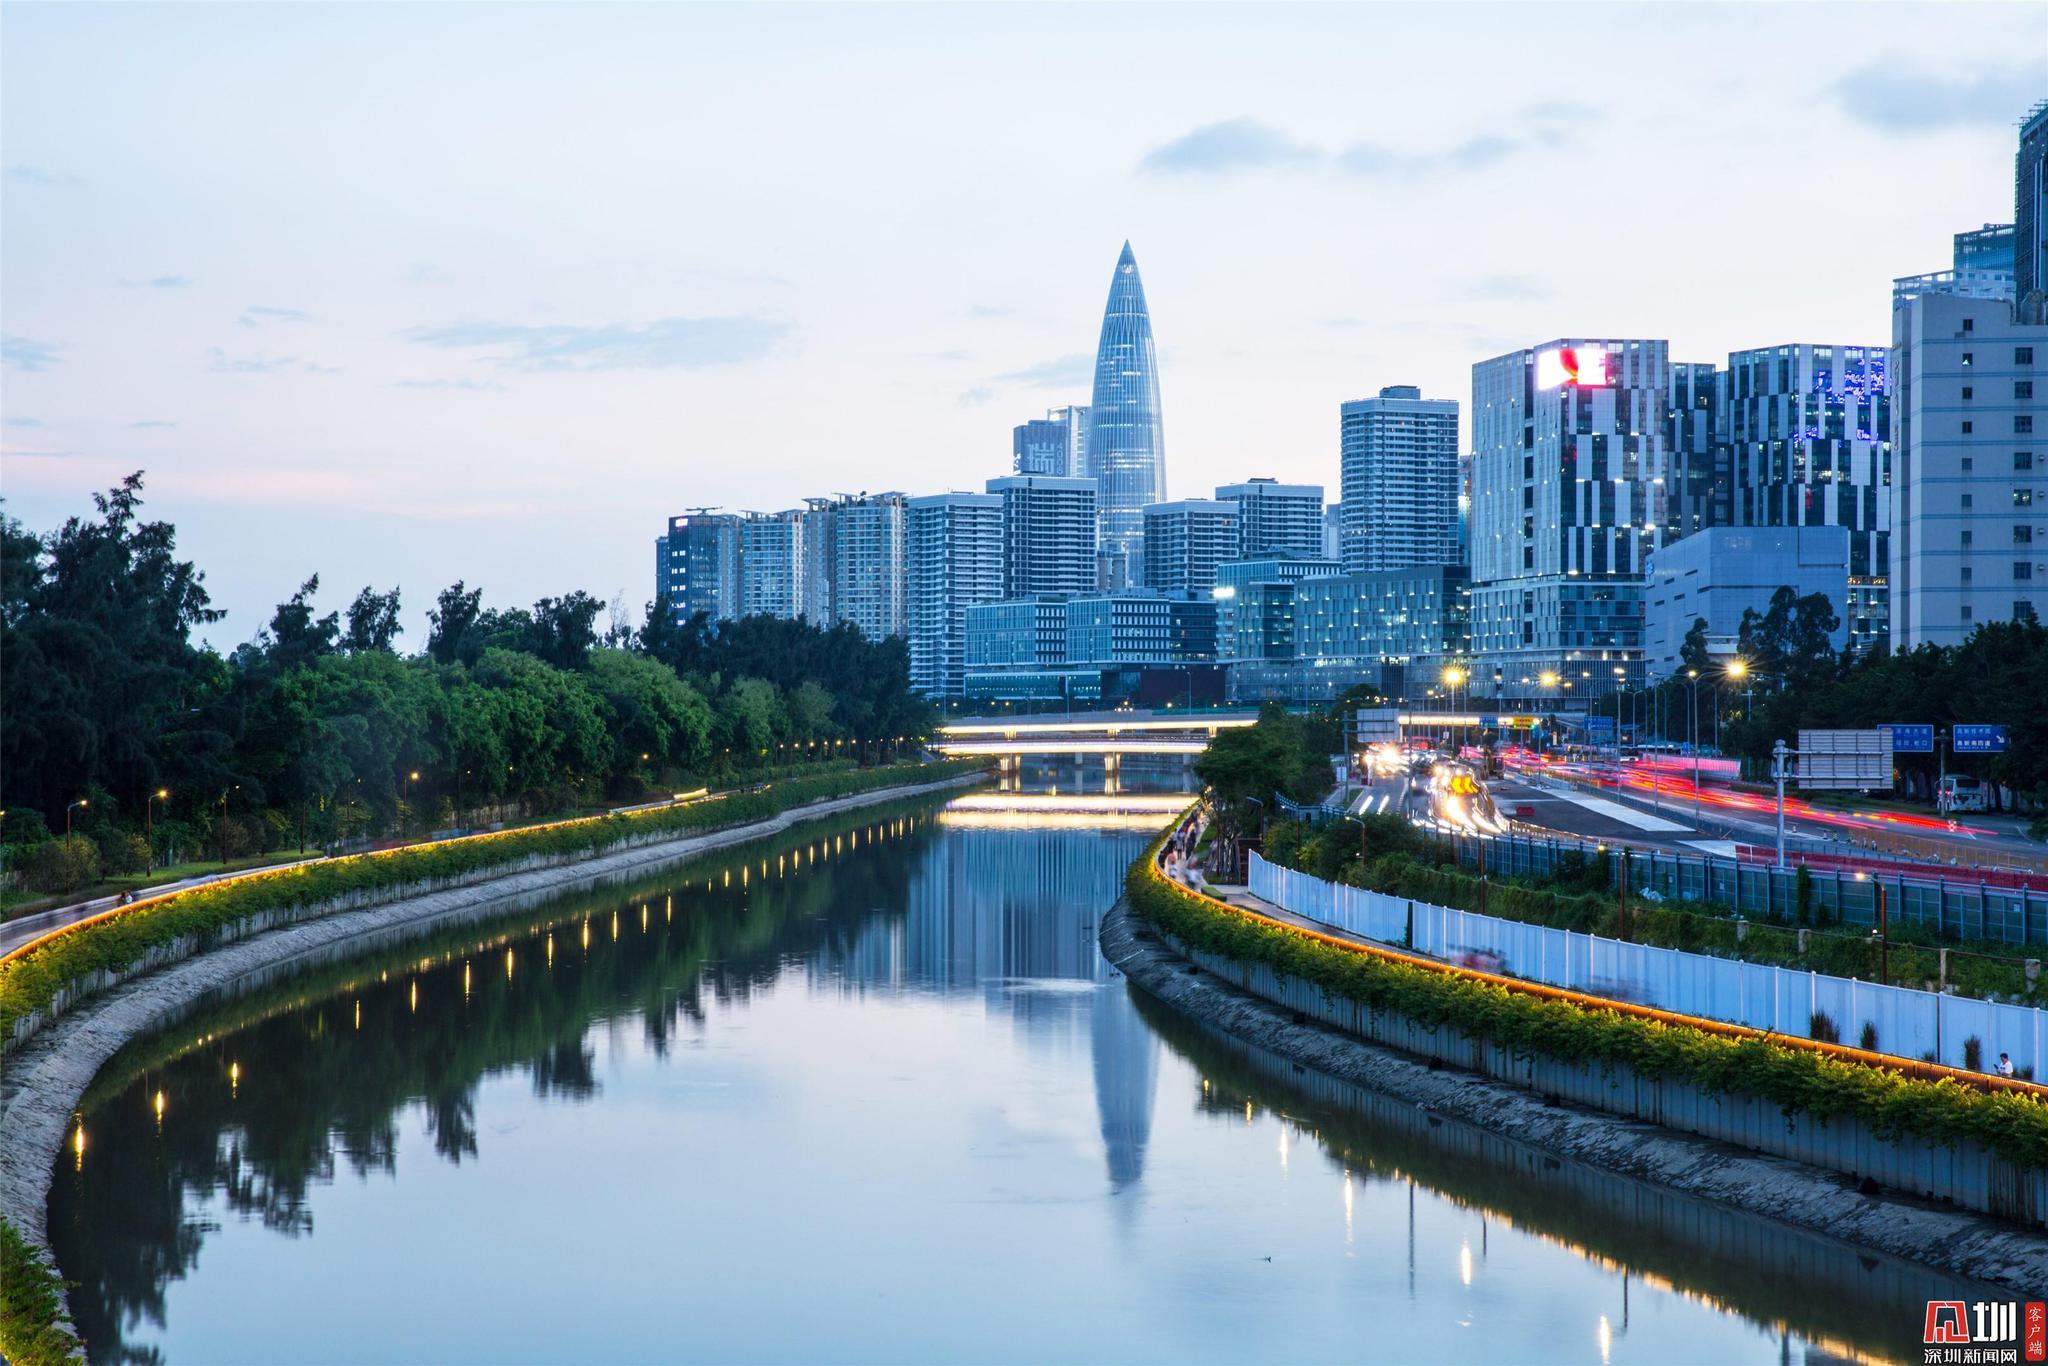 深圳二手住房成交参考价格将成按揭贷款重要依据